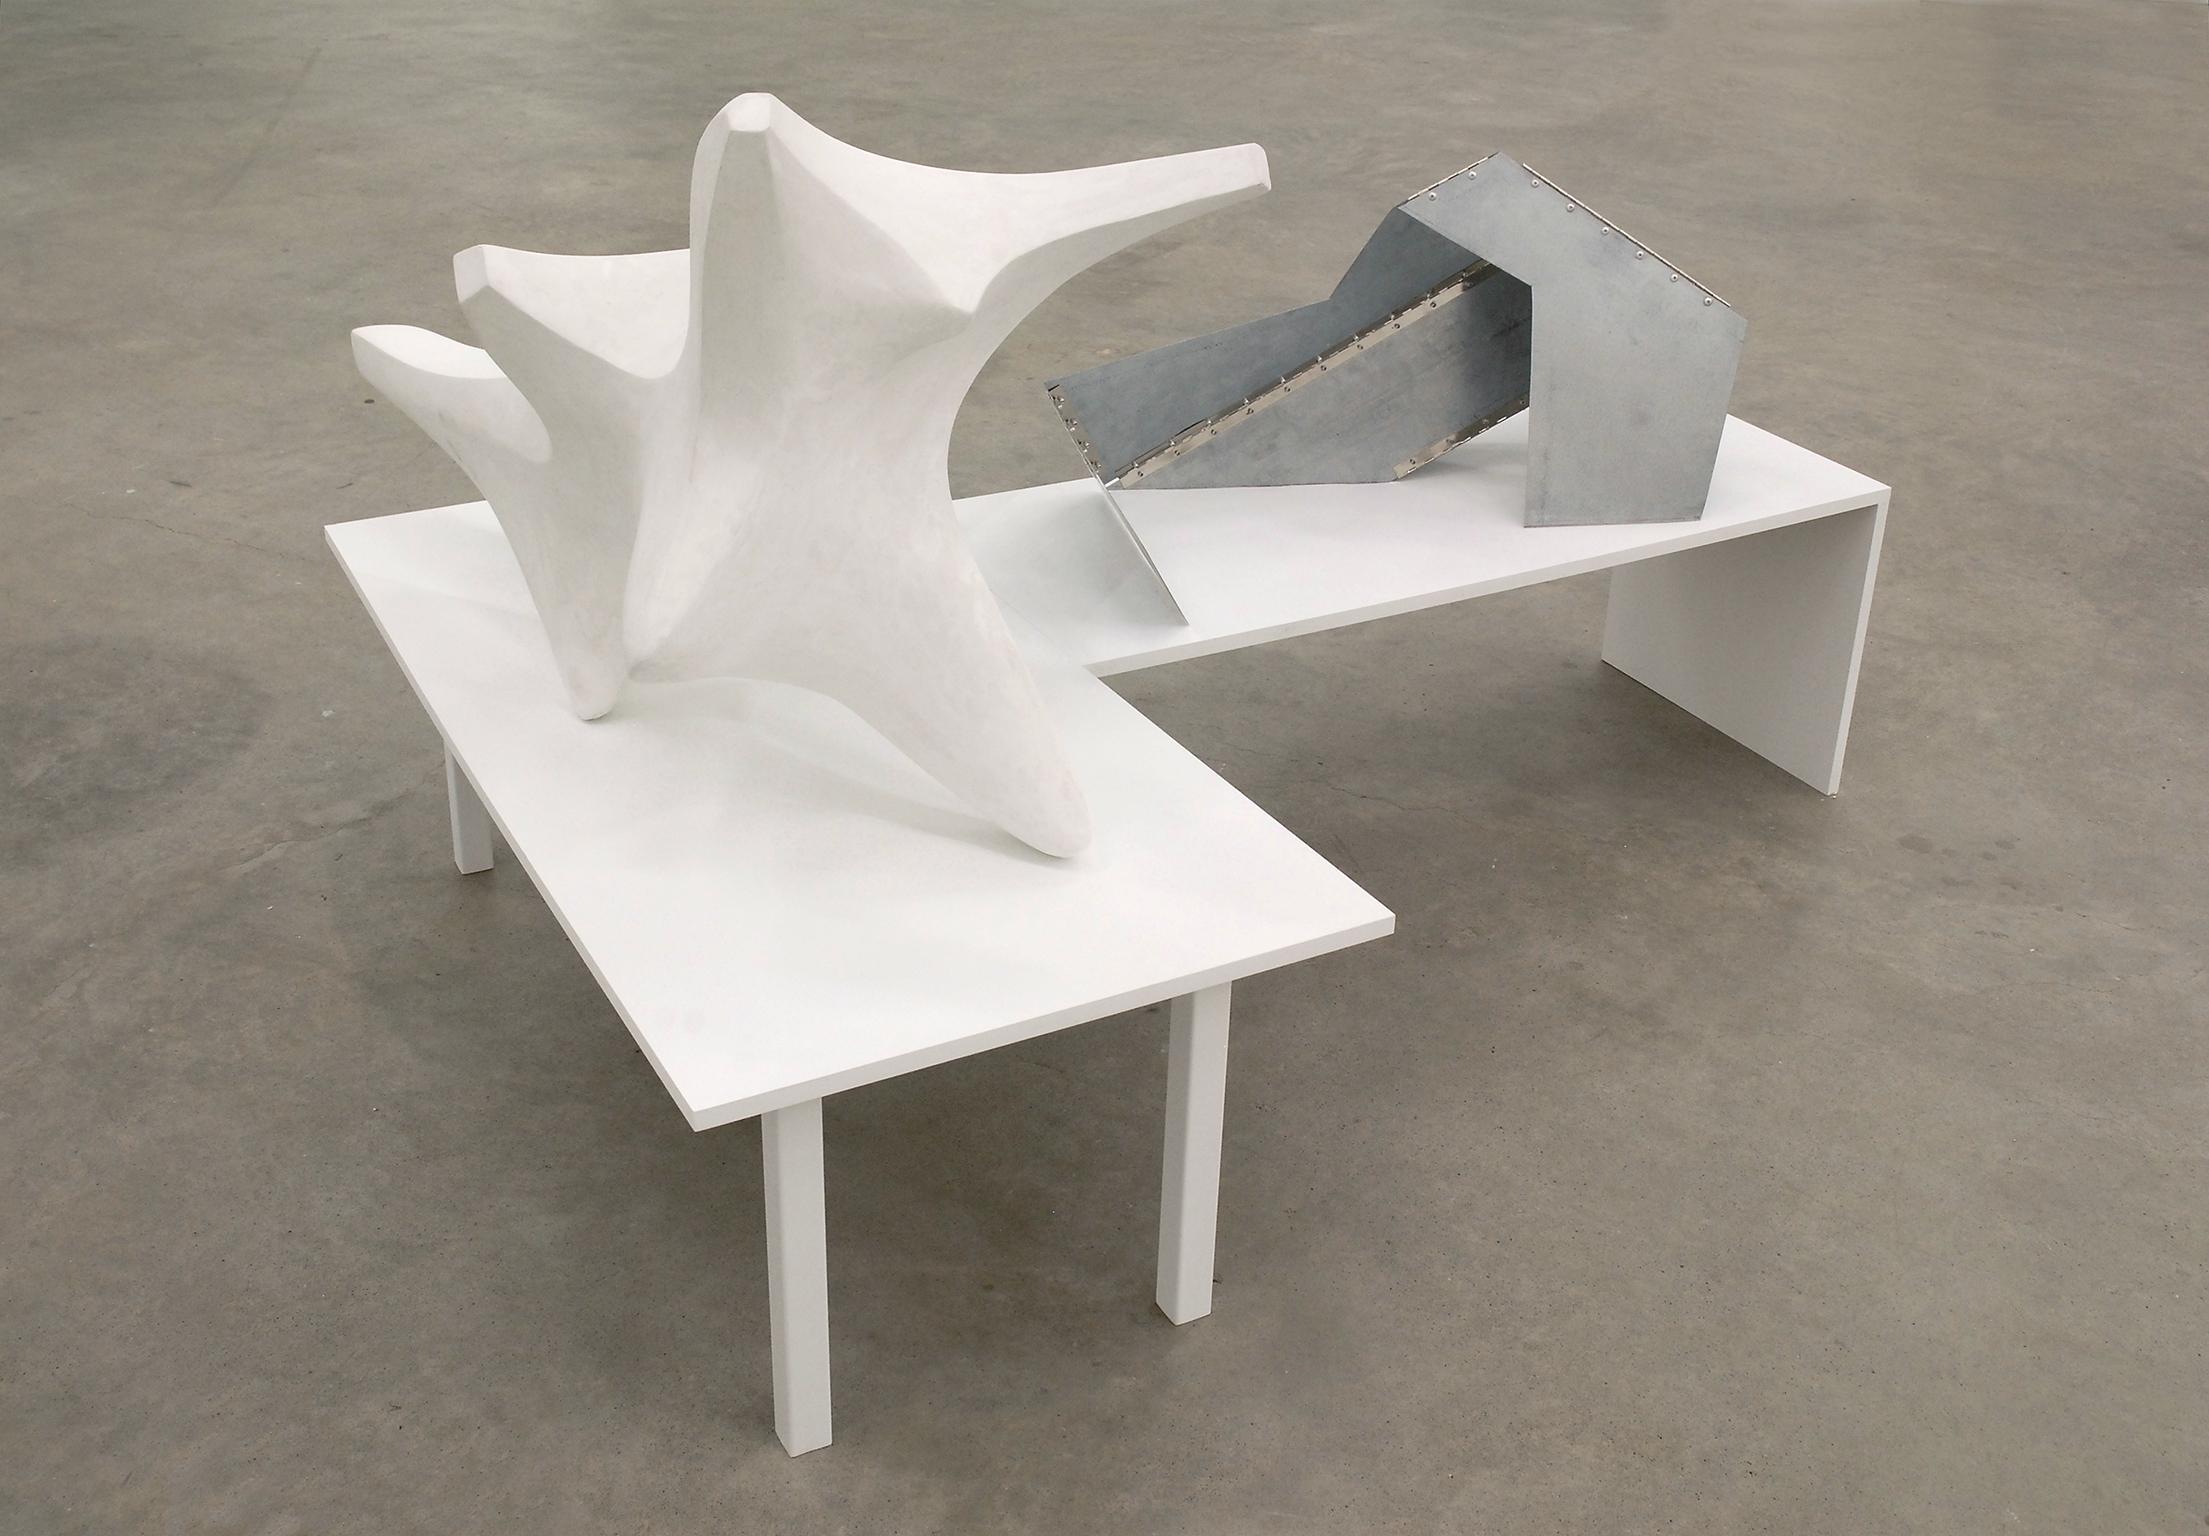 Damian Moppett, Figure In Transition, 2007–2008, plaster, steel, wood, 45 x 67 x 48 in. (114 x 170 x 122 cm) by